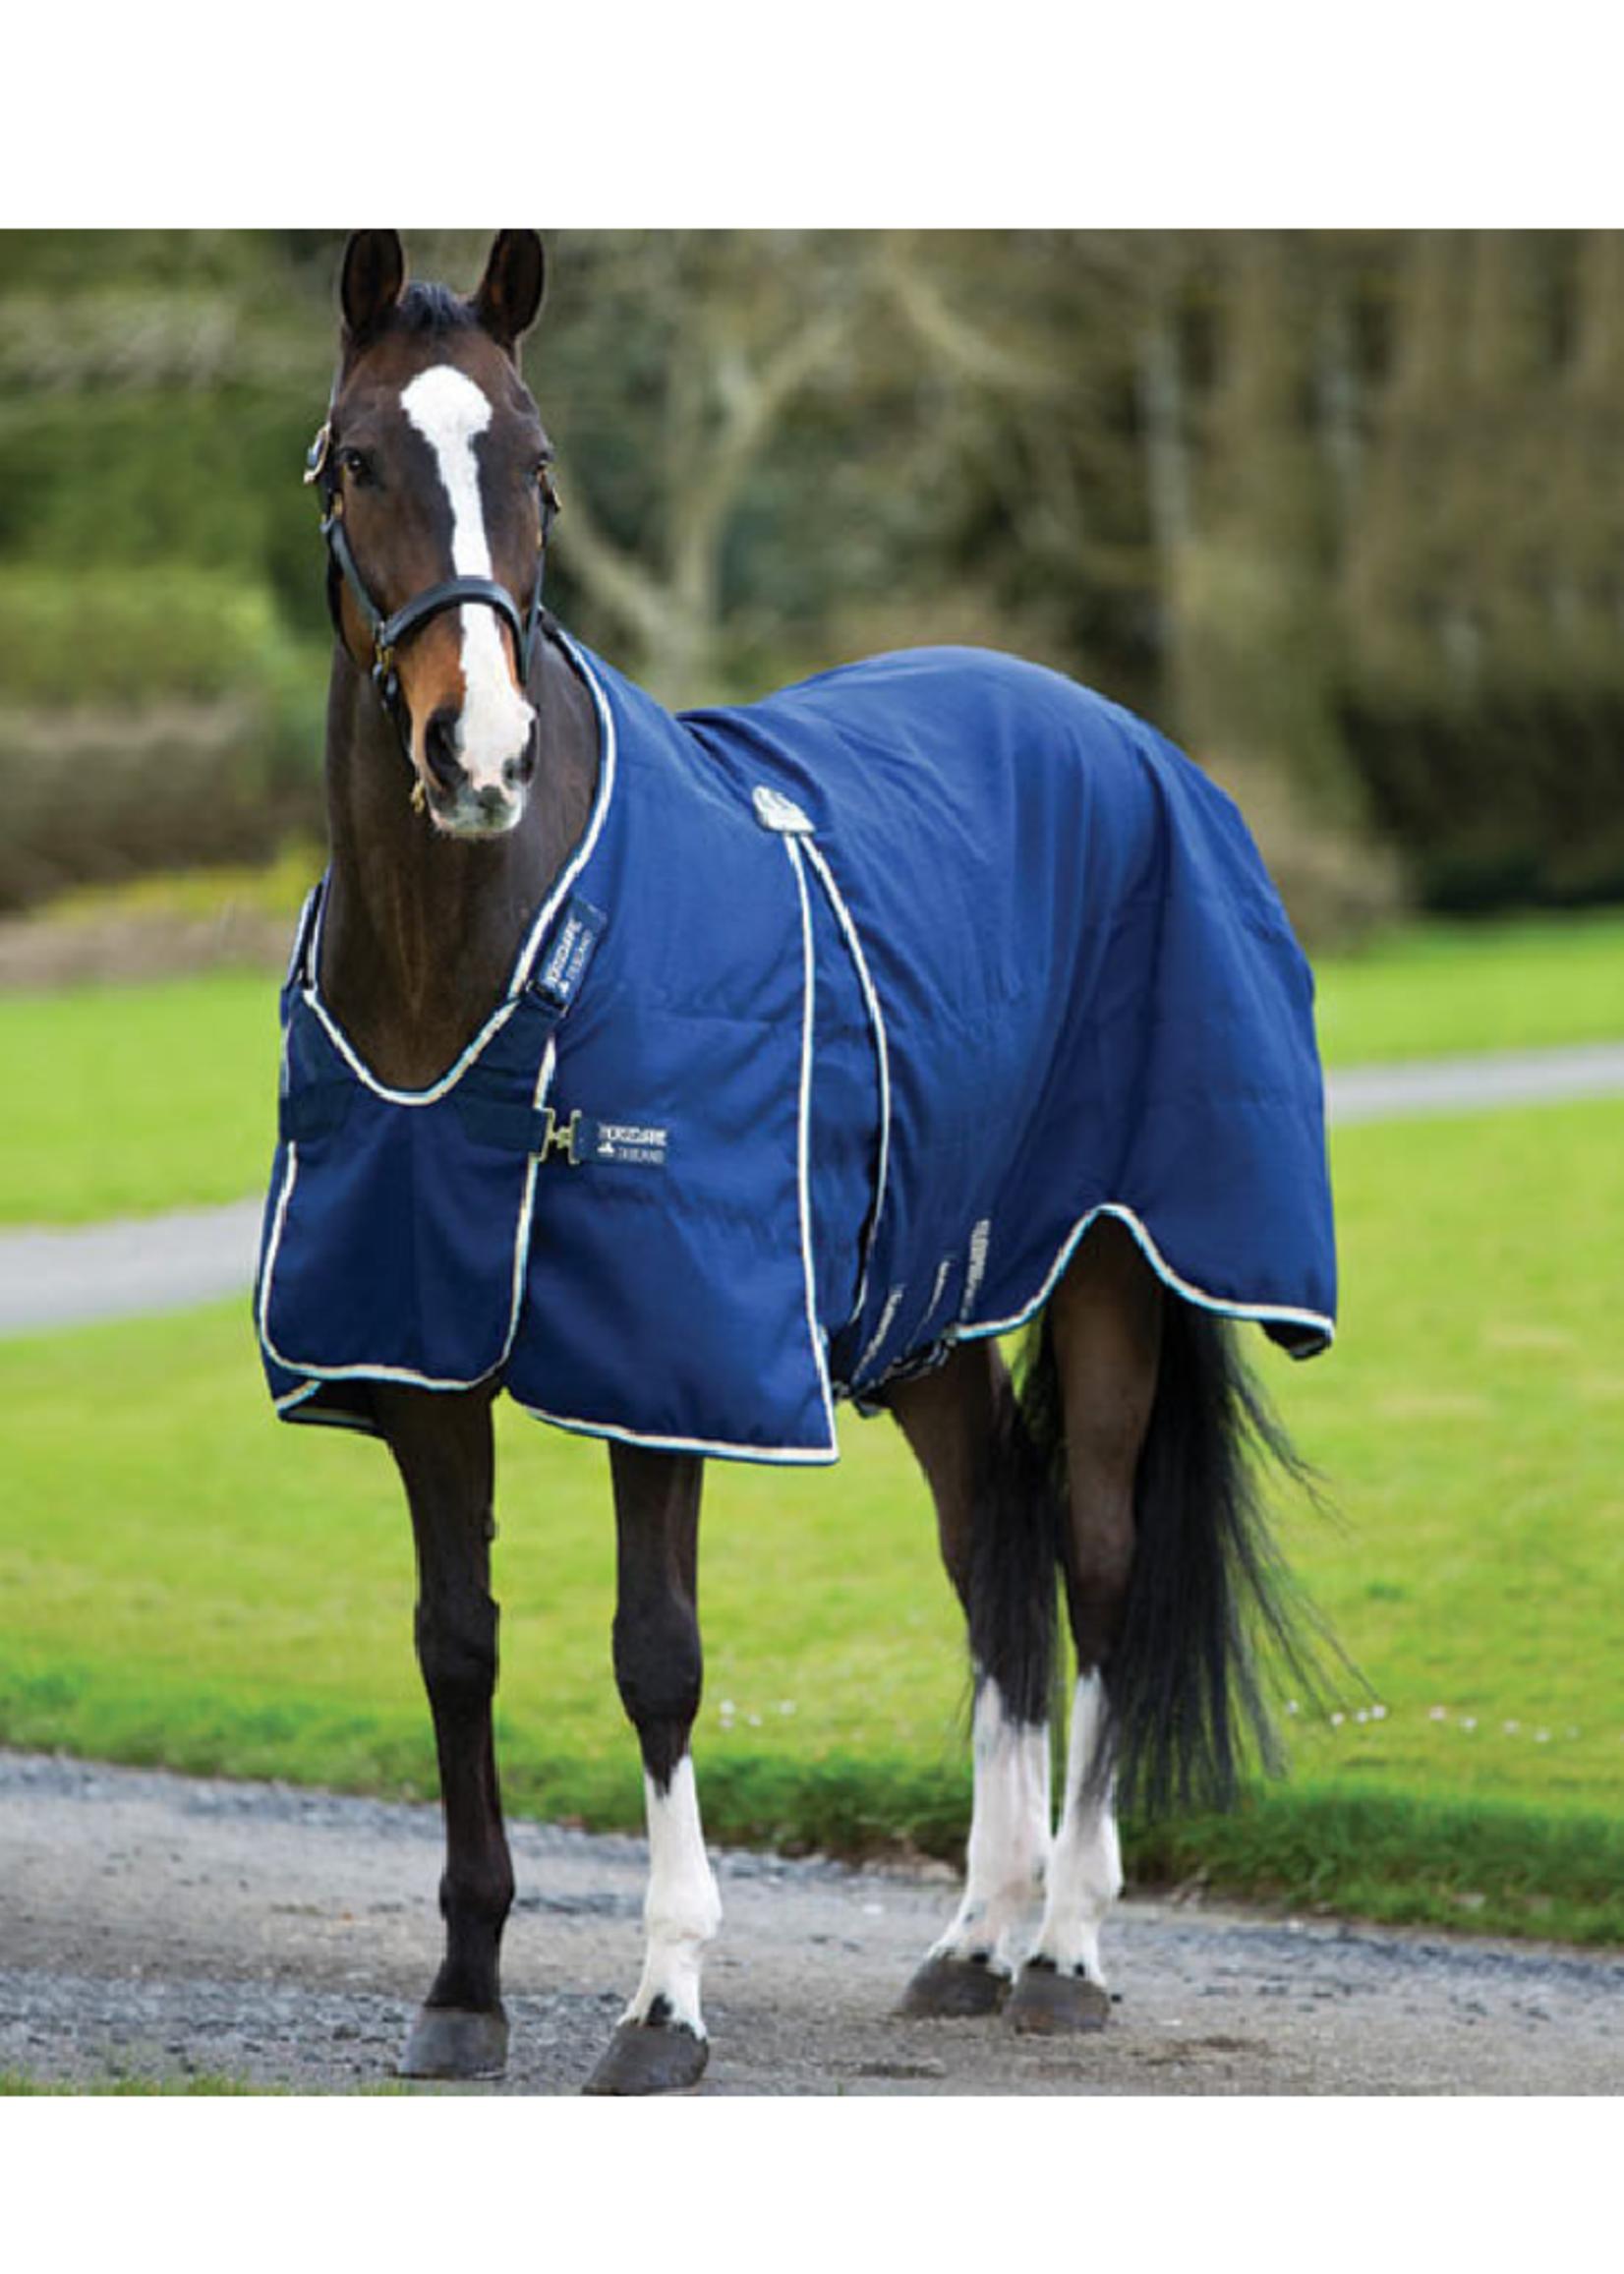 Horseware Horseware Amigo Stable Sheet